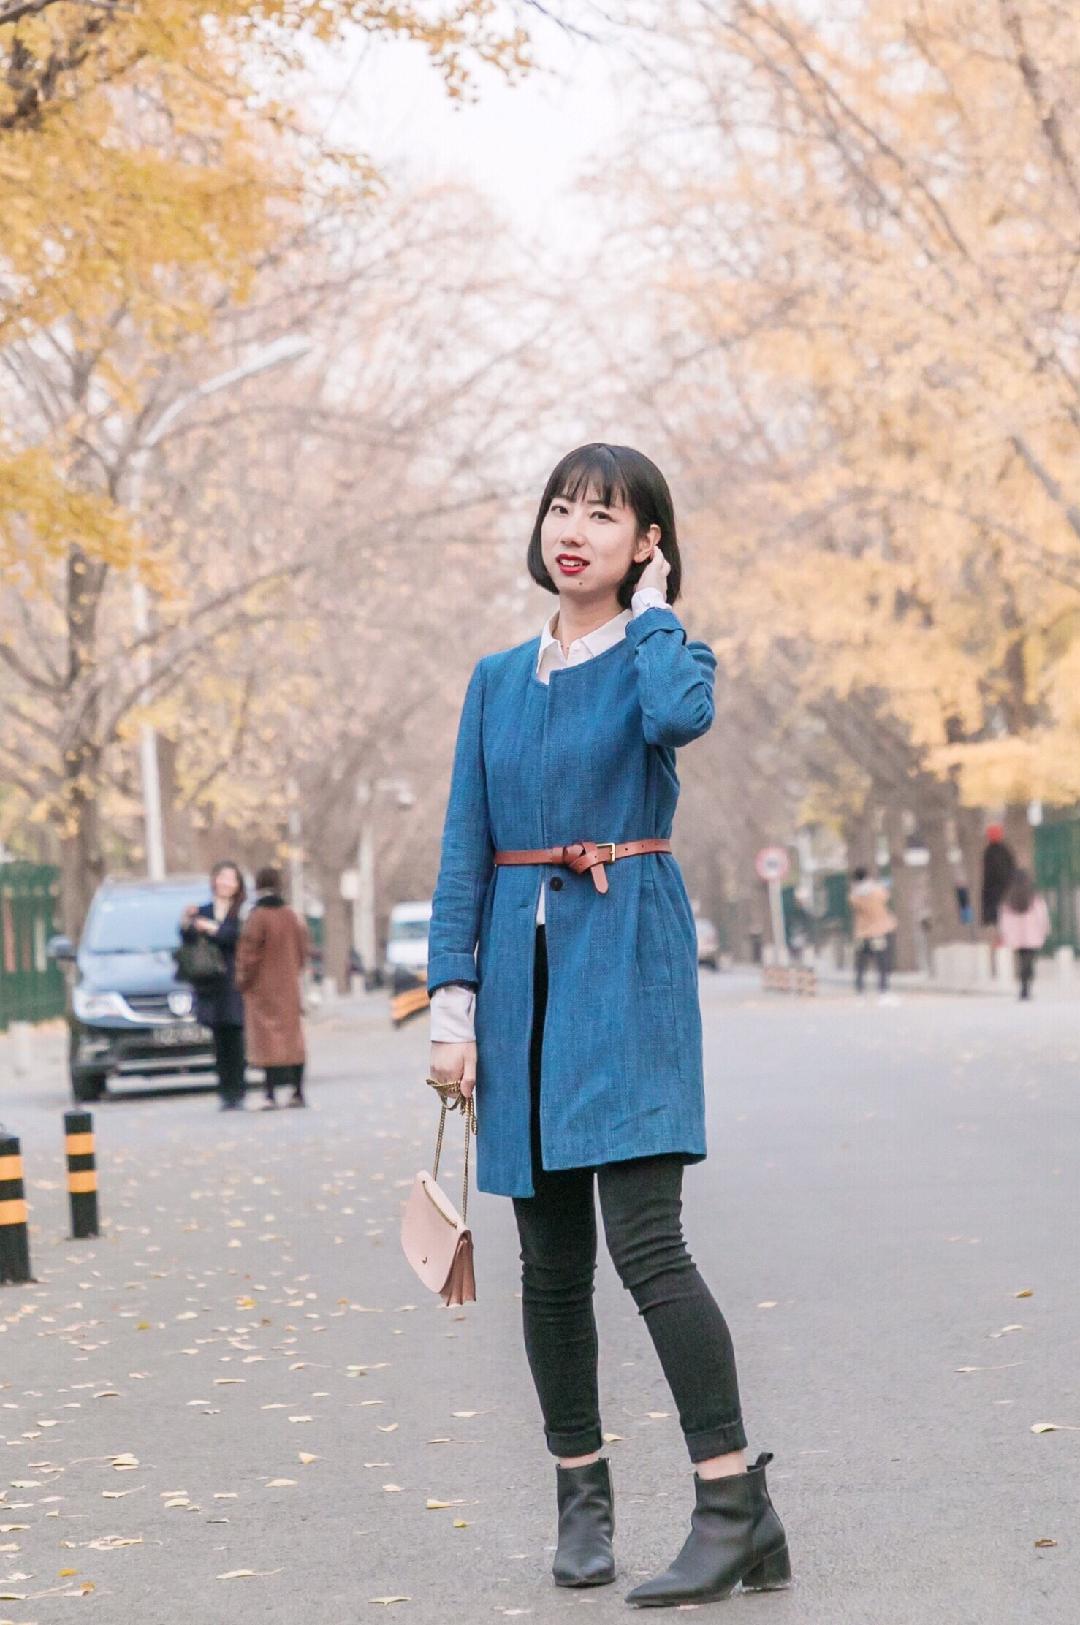 """#""""雾霾蓝""""解救这雾霾天# 通勤搭配来一个~ 真丝衬衫作为内搭,虽说一样的纯白色但是纯真丝有不一样的质感。外搭雾霾蓝色大衣,简单素净的蓝白配色,腰间用细腰带一秒提升腰线。 链条包还是很浅的粉色,与蓝色天生好CP!"""